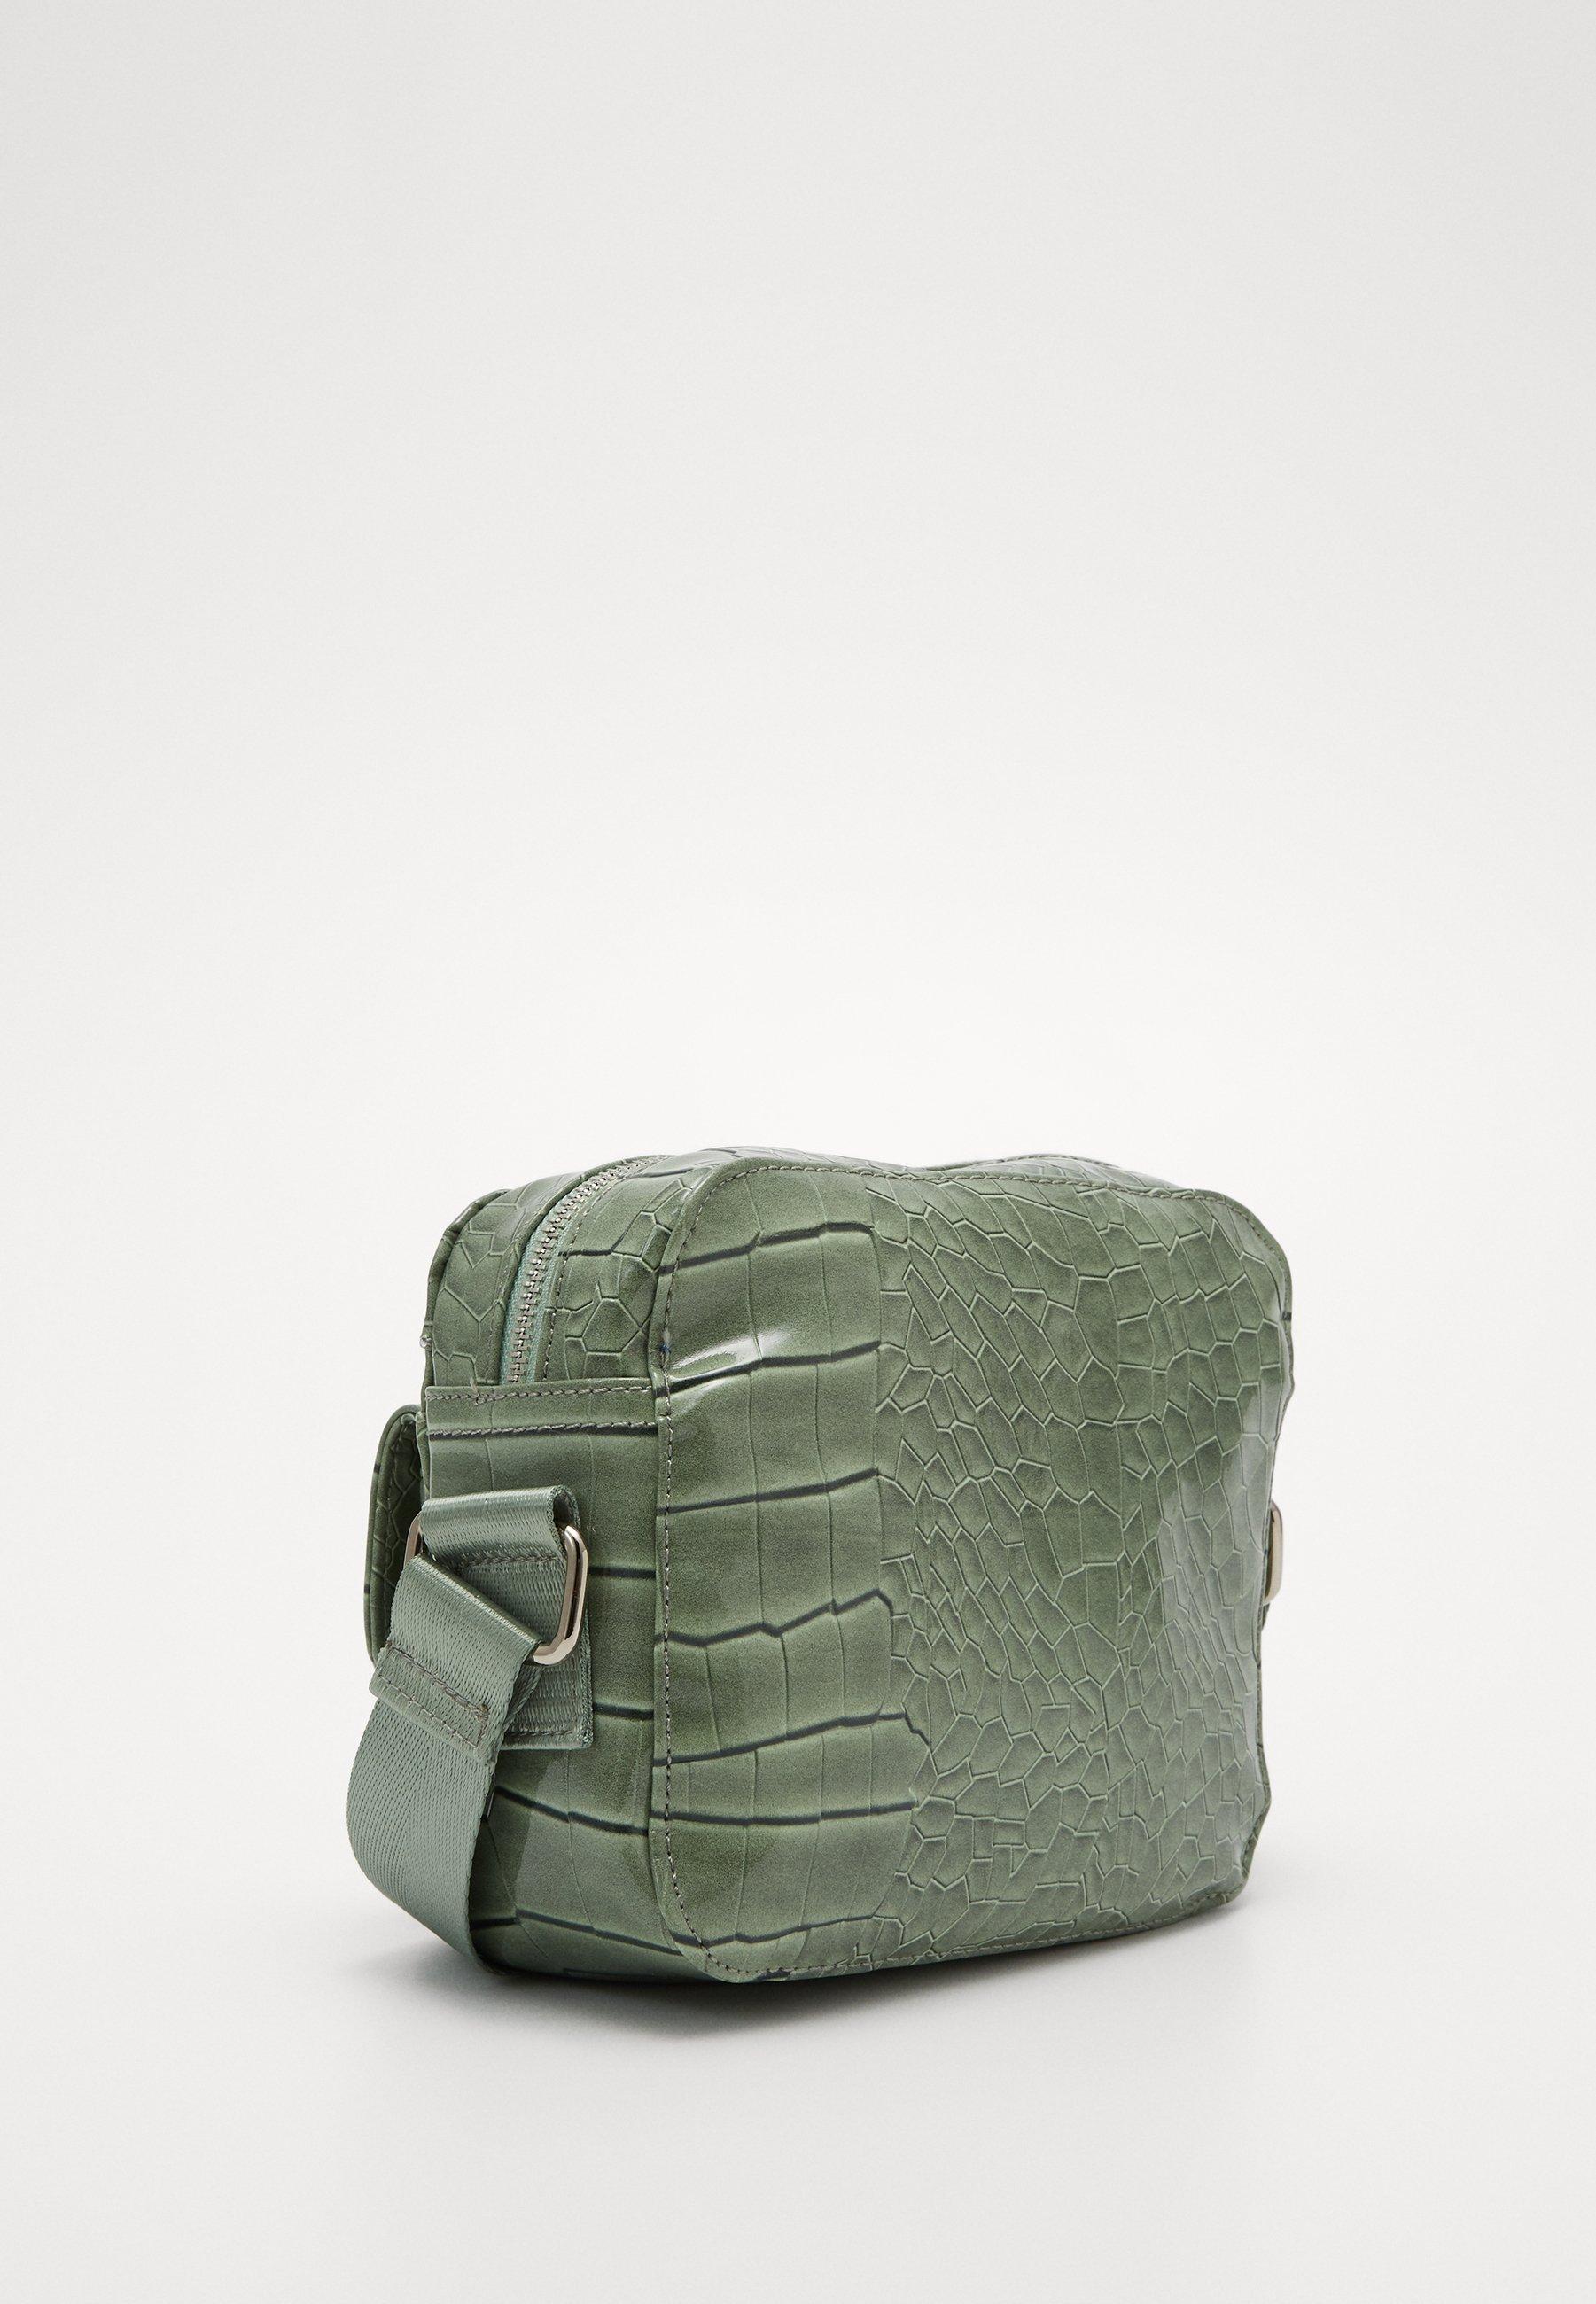 HVISK HALLI CROCO - Skulderveske - dusty green/grønn 3HpPwRg3h9OlwrF